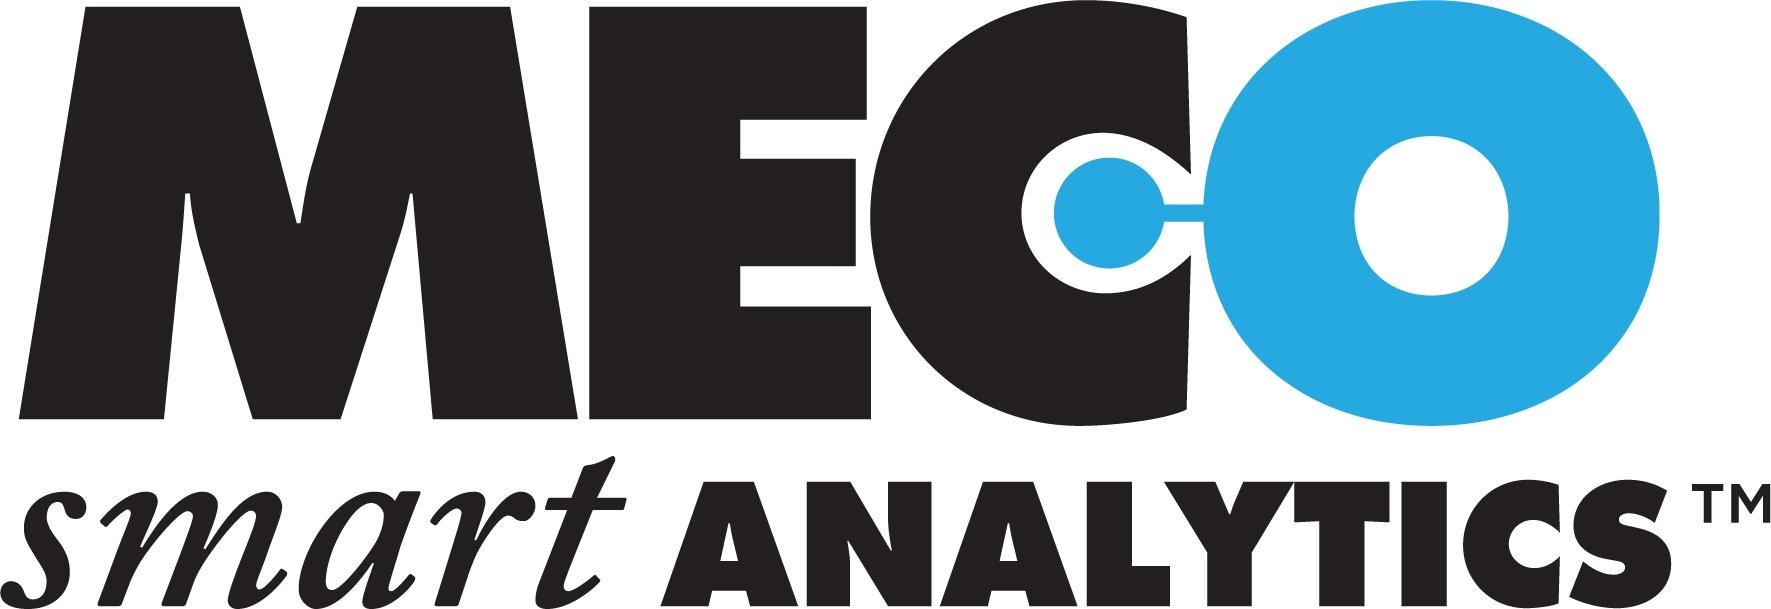 Smart Analytics logo_4C.jpg